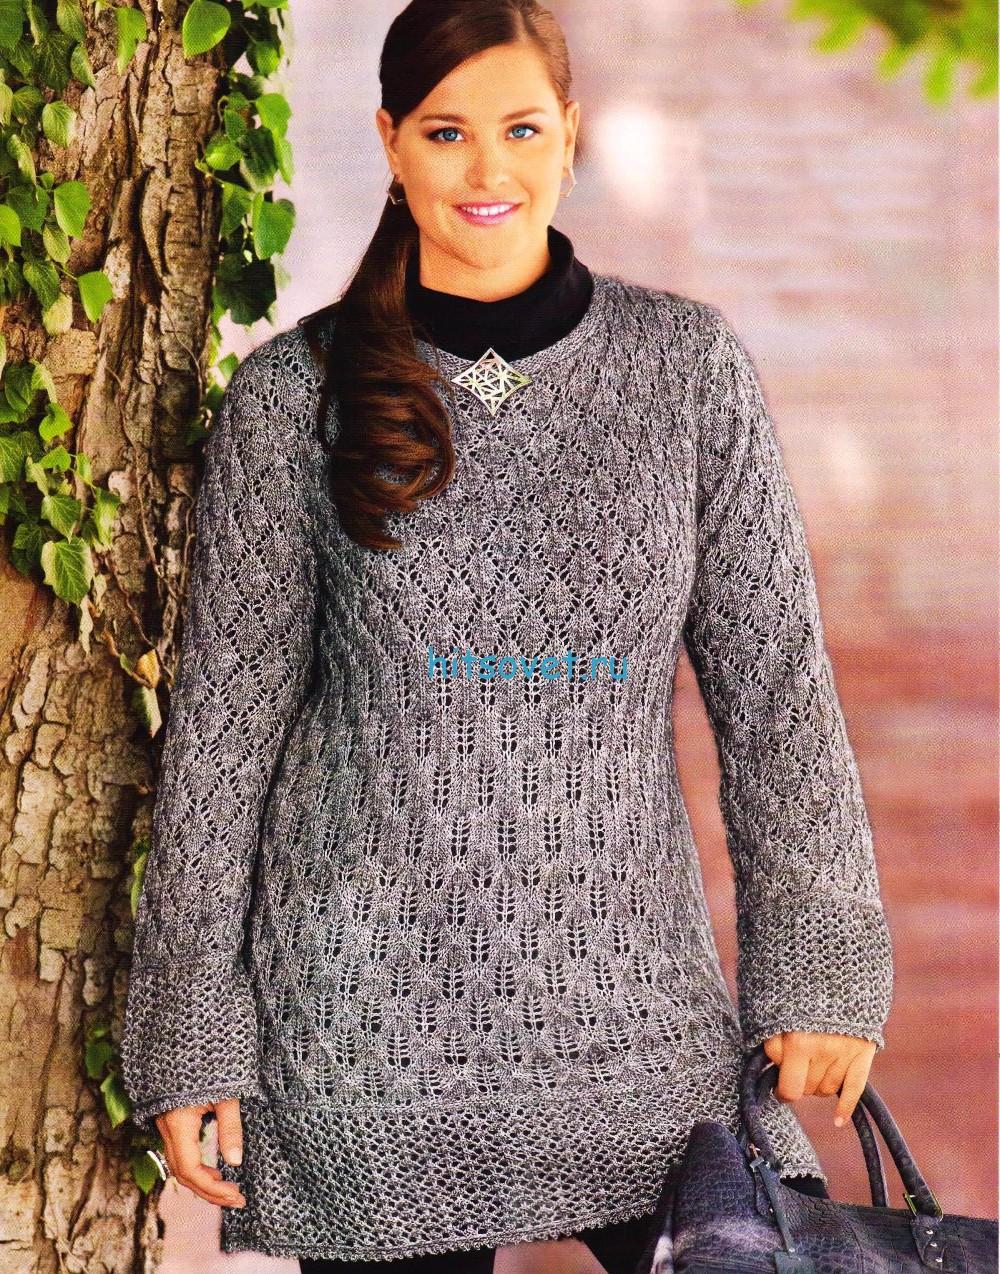 Ажурный вязаный пуловер, фото.